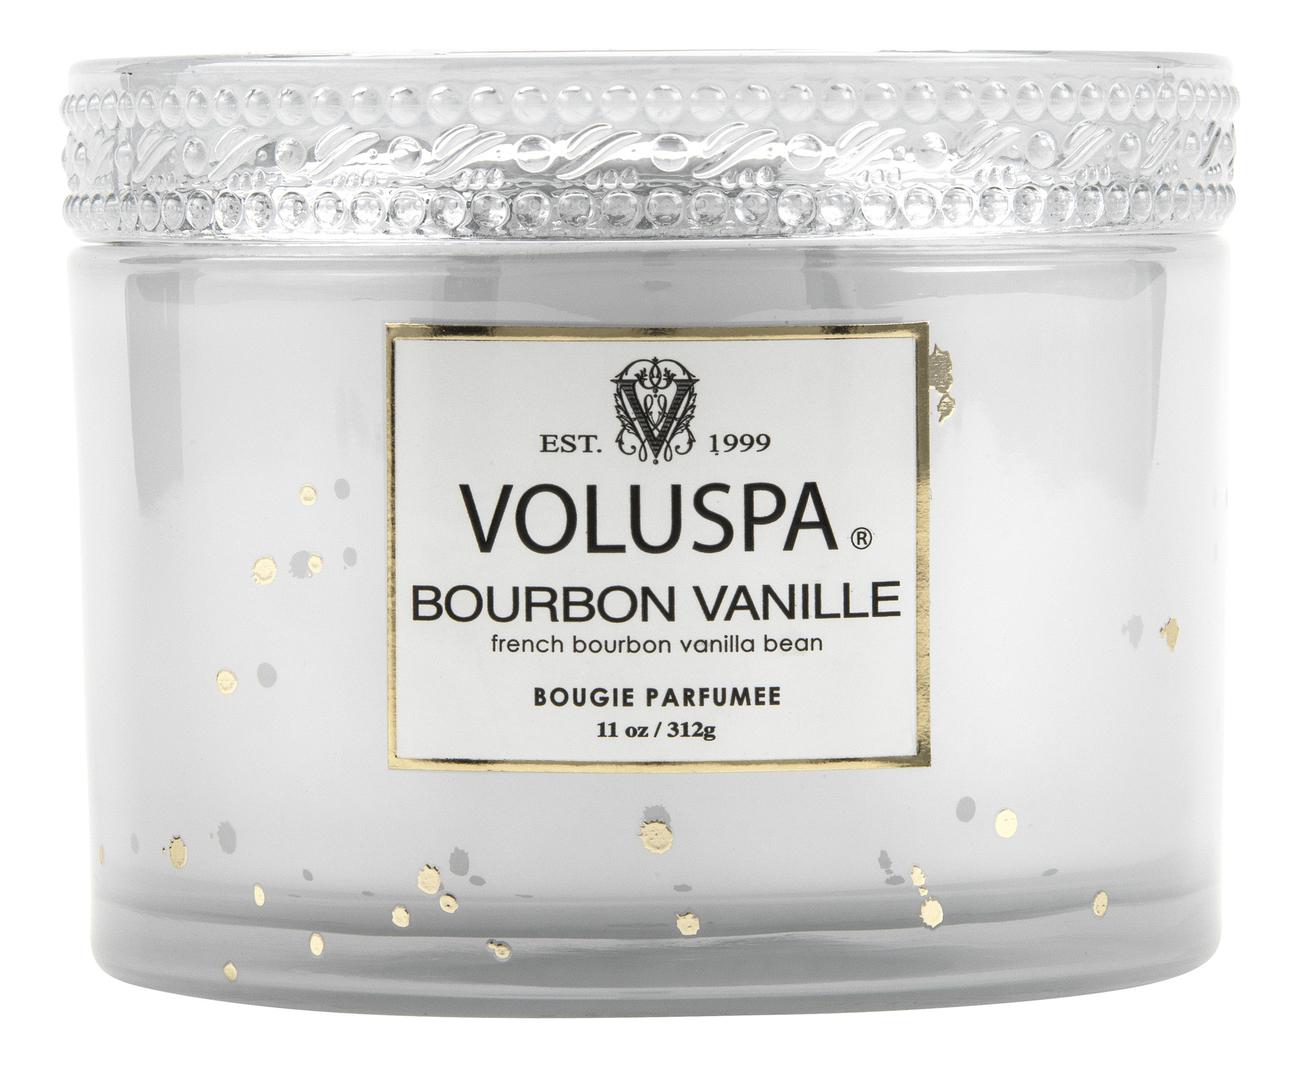 Ароматическая свеча Bourbon Vanille (ваниль Бурбон): свеча в стеклянном подсвечнике с крышкой 312г ароматическая свеча perse bloom пион жасмин и мимоза свеча в стеклянном подсвечнике с крышкой 312г